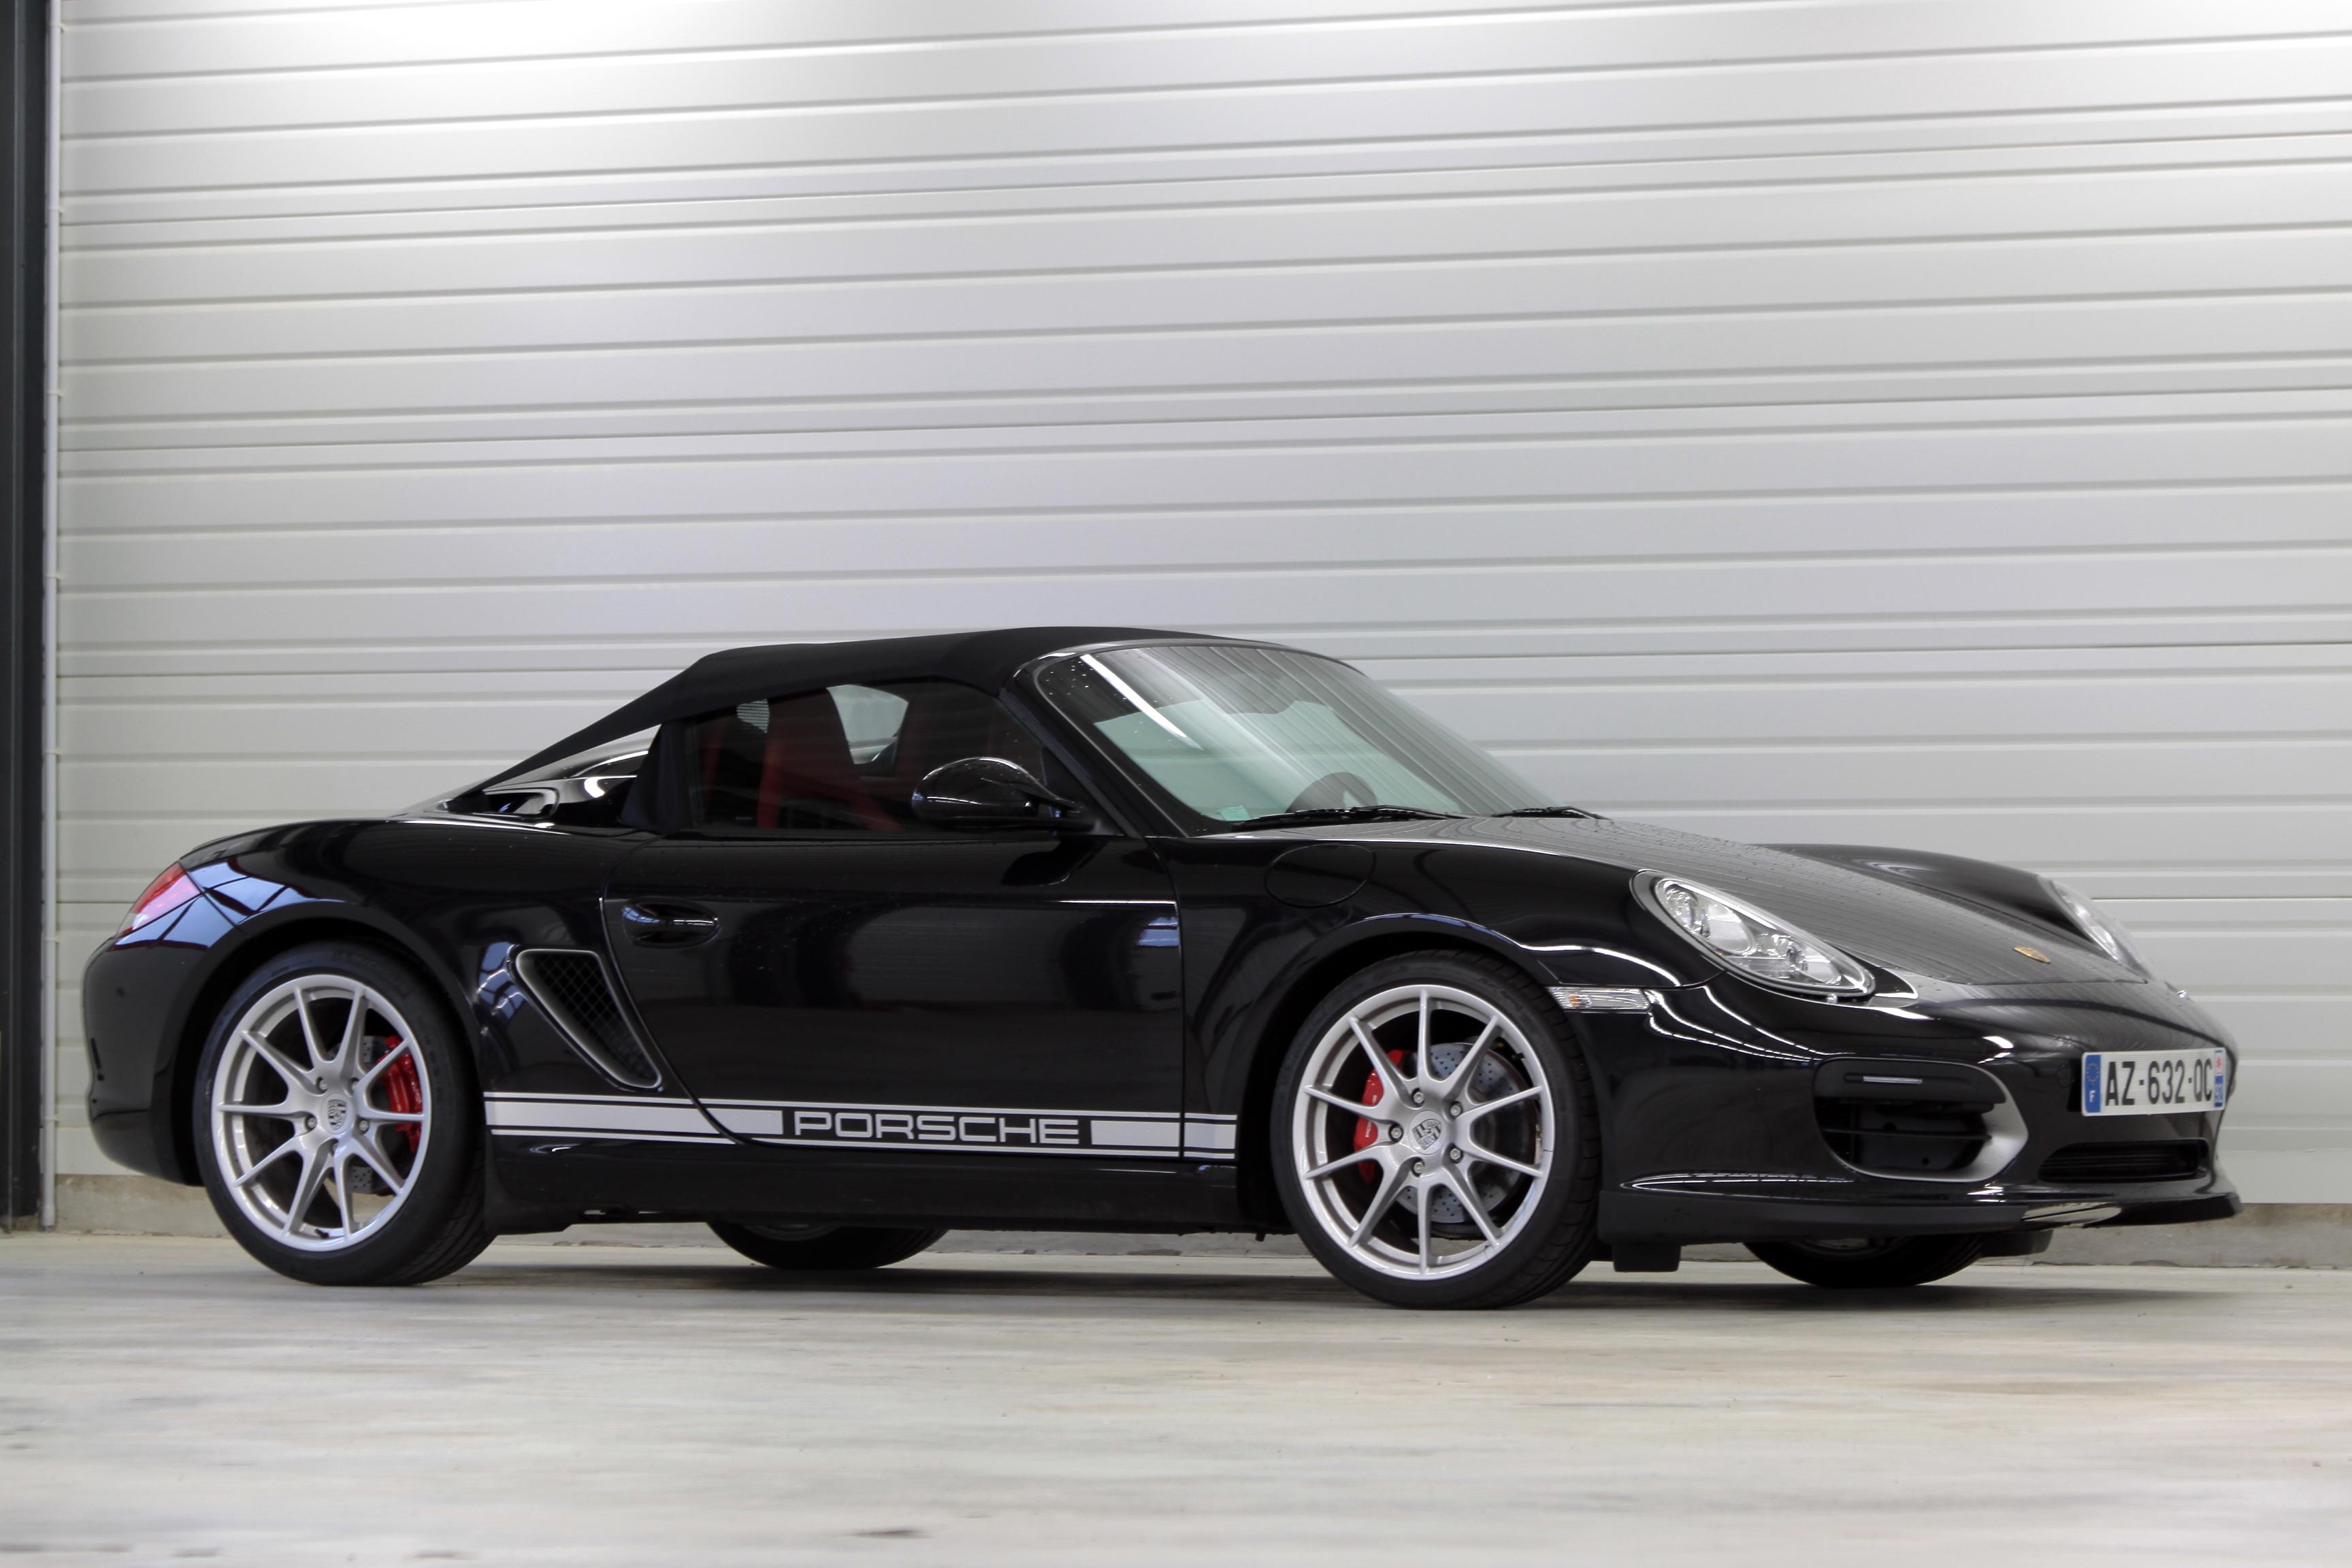 Les Essais De Soheil Ayari Porsche Boxster Spyder